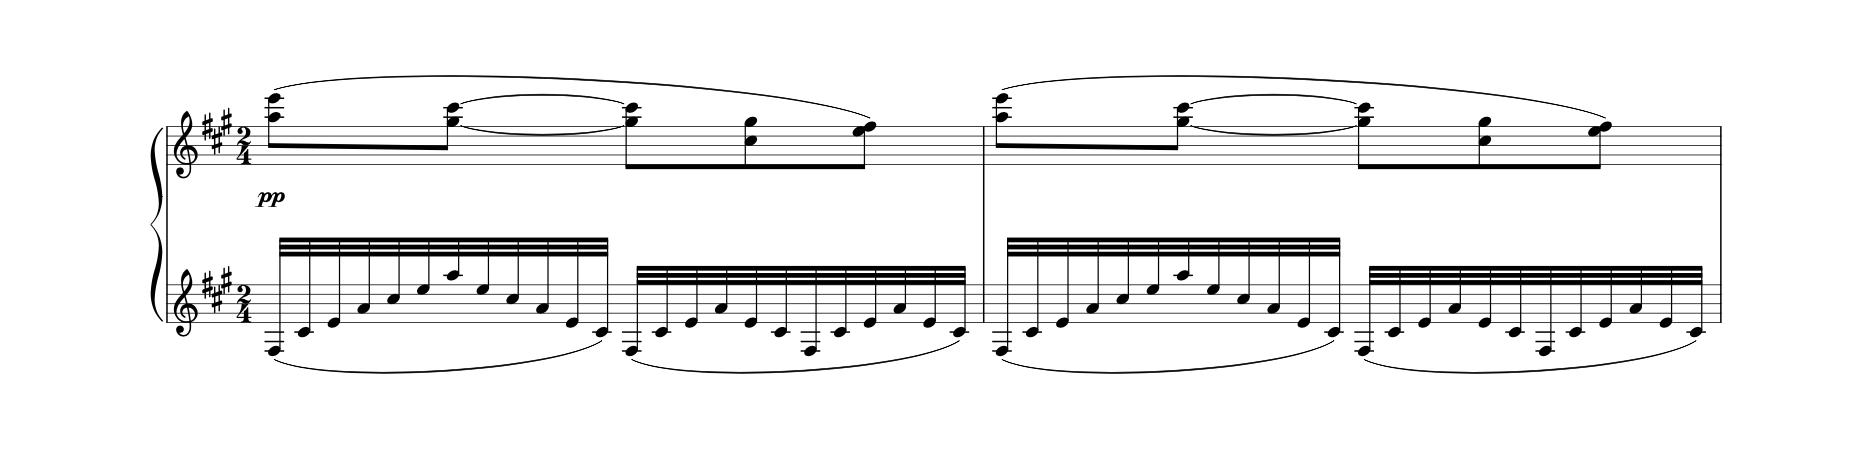 """""""Une barque sur l'océan"""" (1905), Maurice Ravel, Notation."""